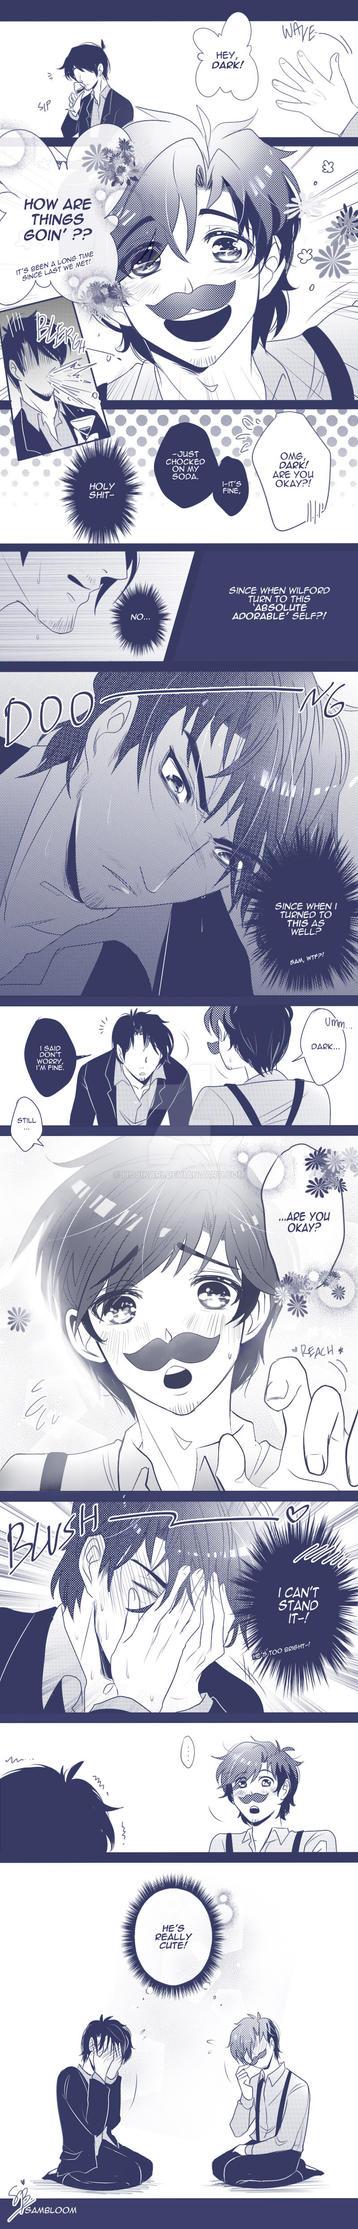 Change by hujikari